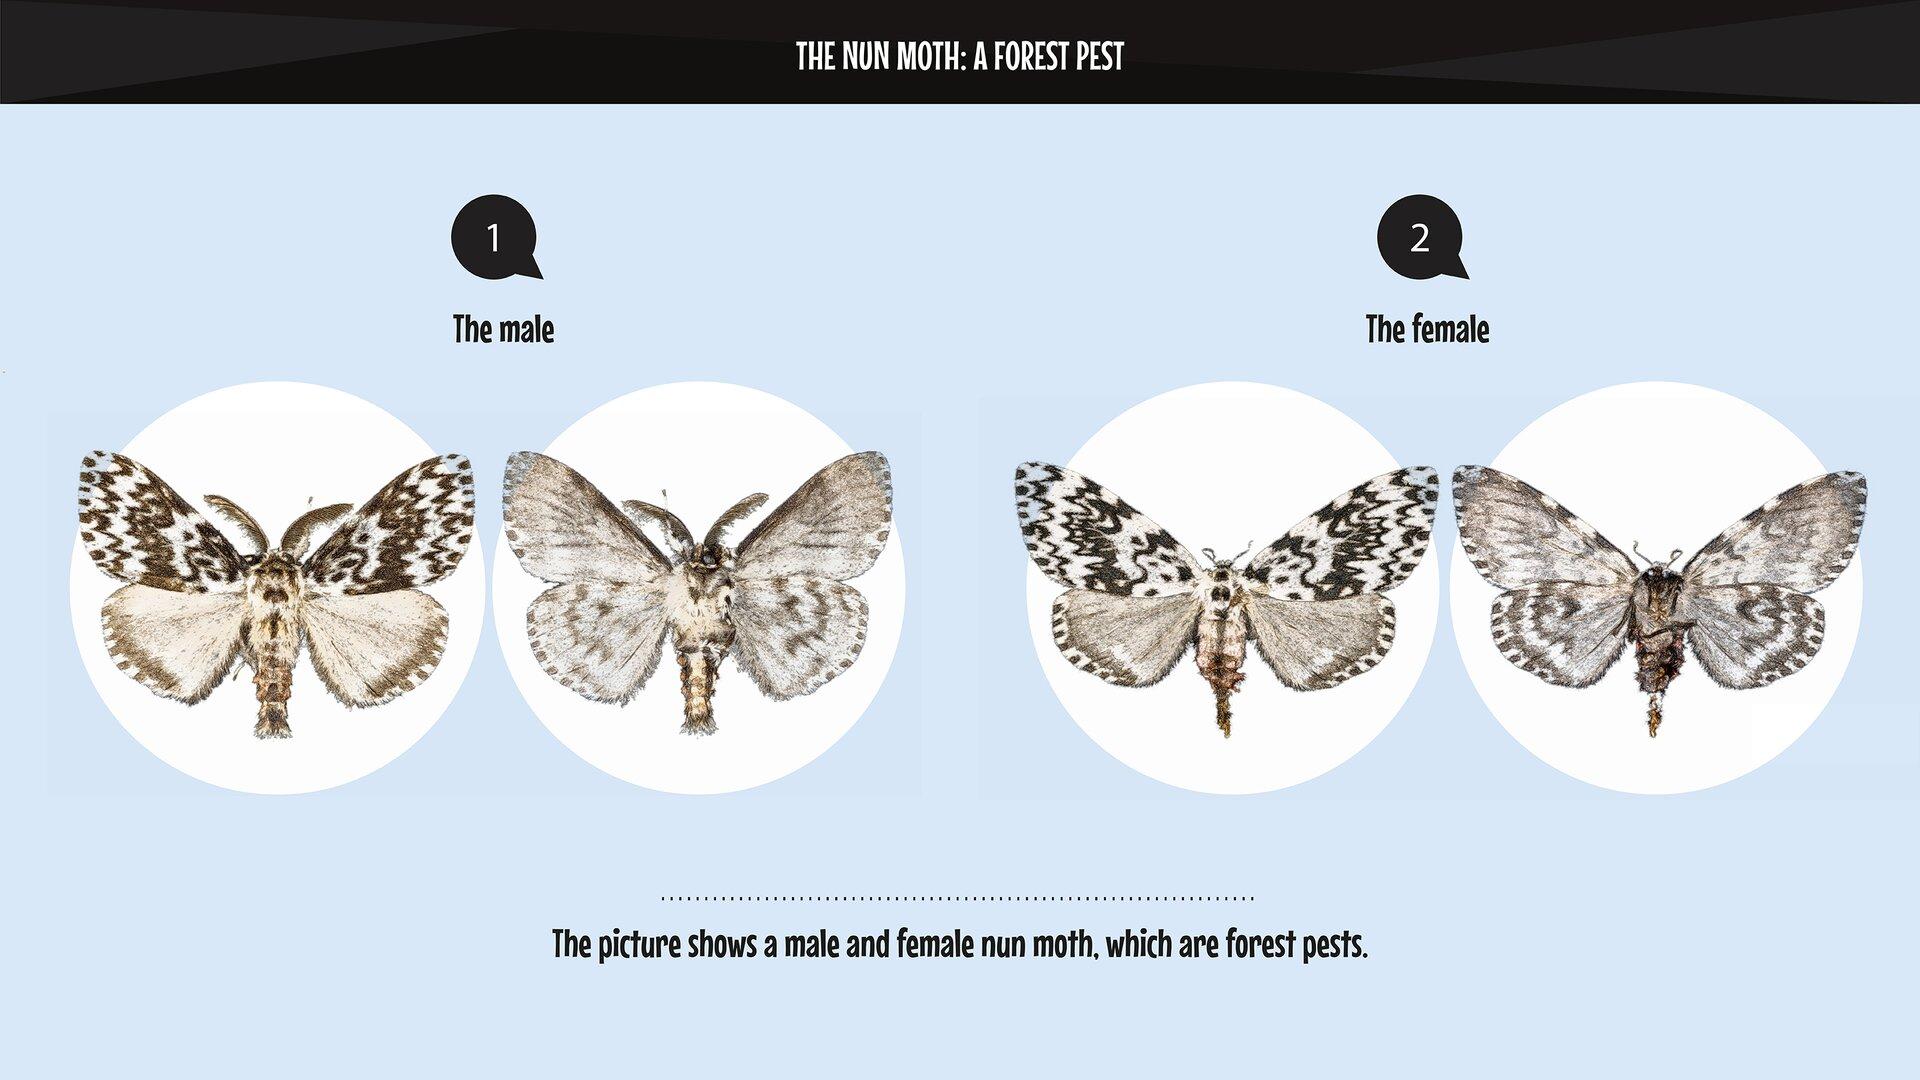 The photo presents amale and female nun moth, which are forest pests. Zdjęcie przedstawia szkodnika - brudnica mniszka: samca isamicę.